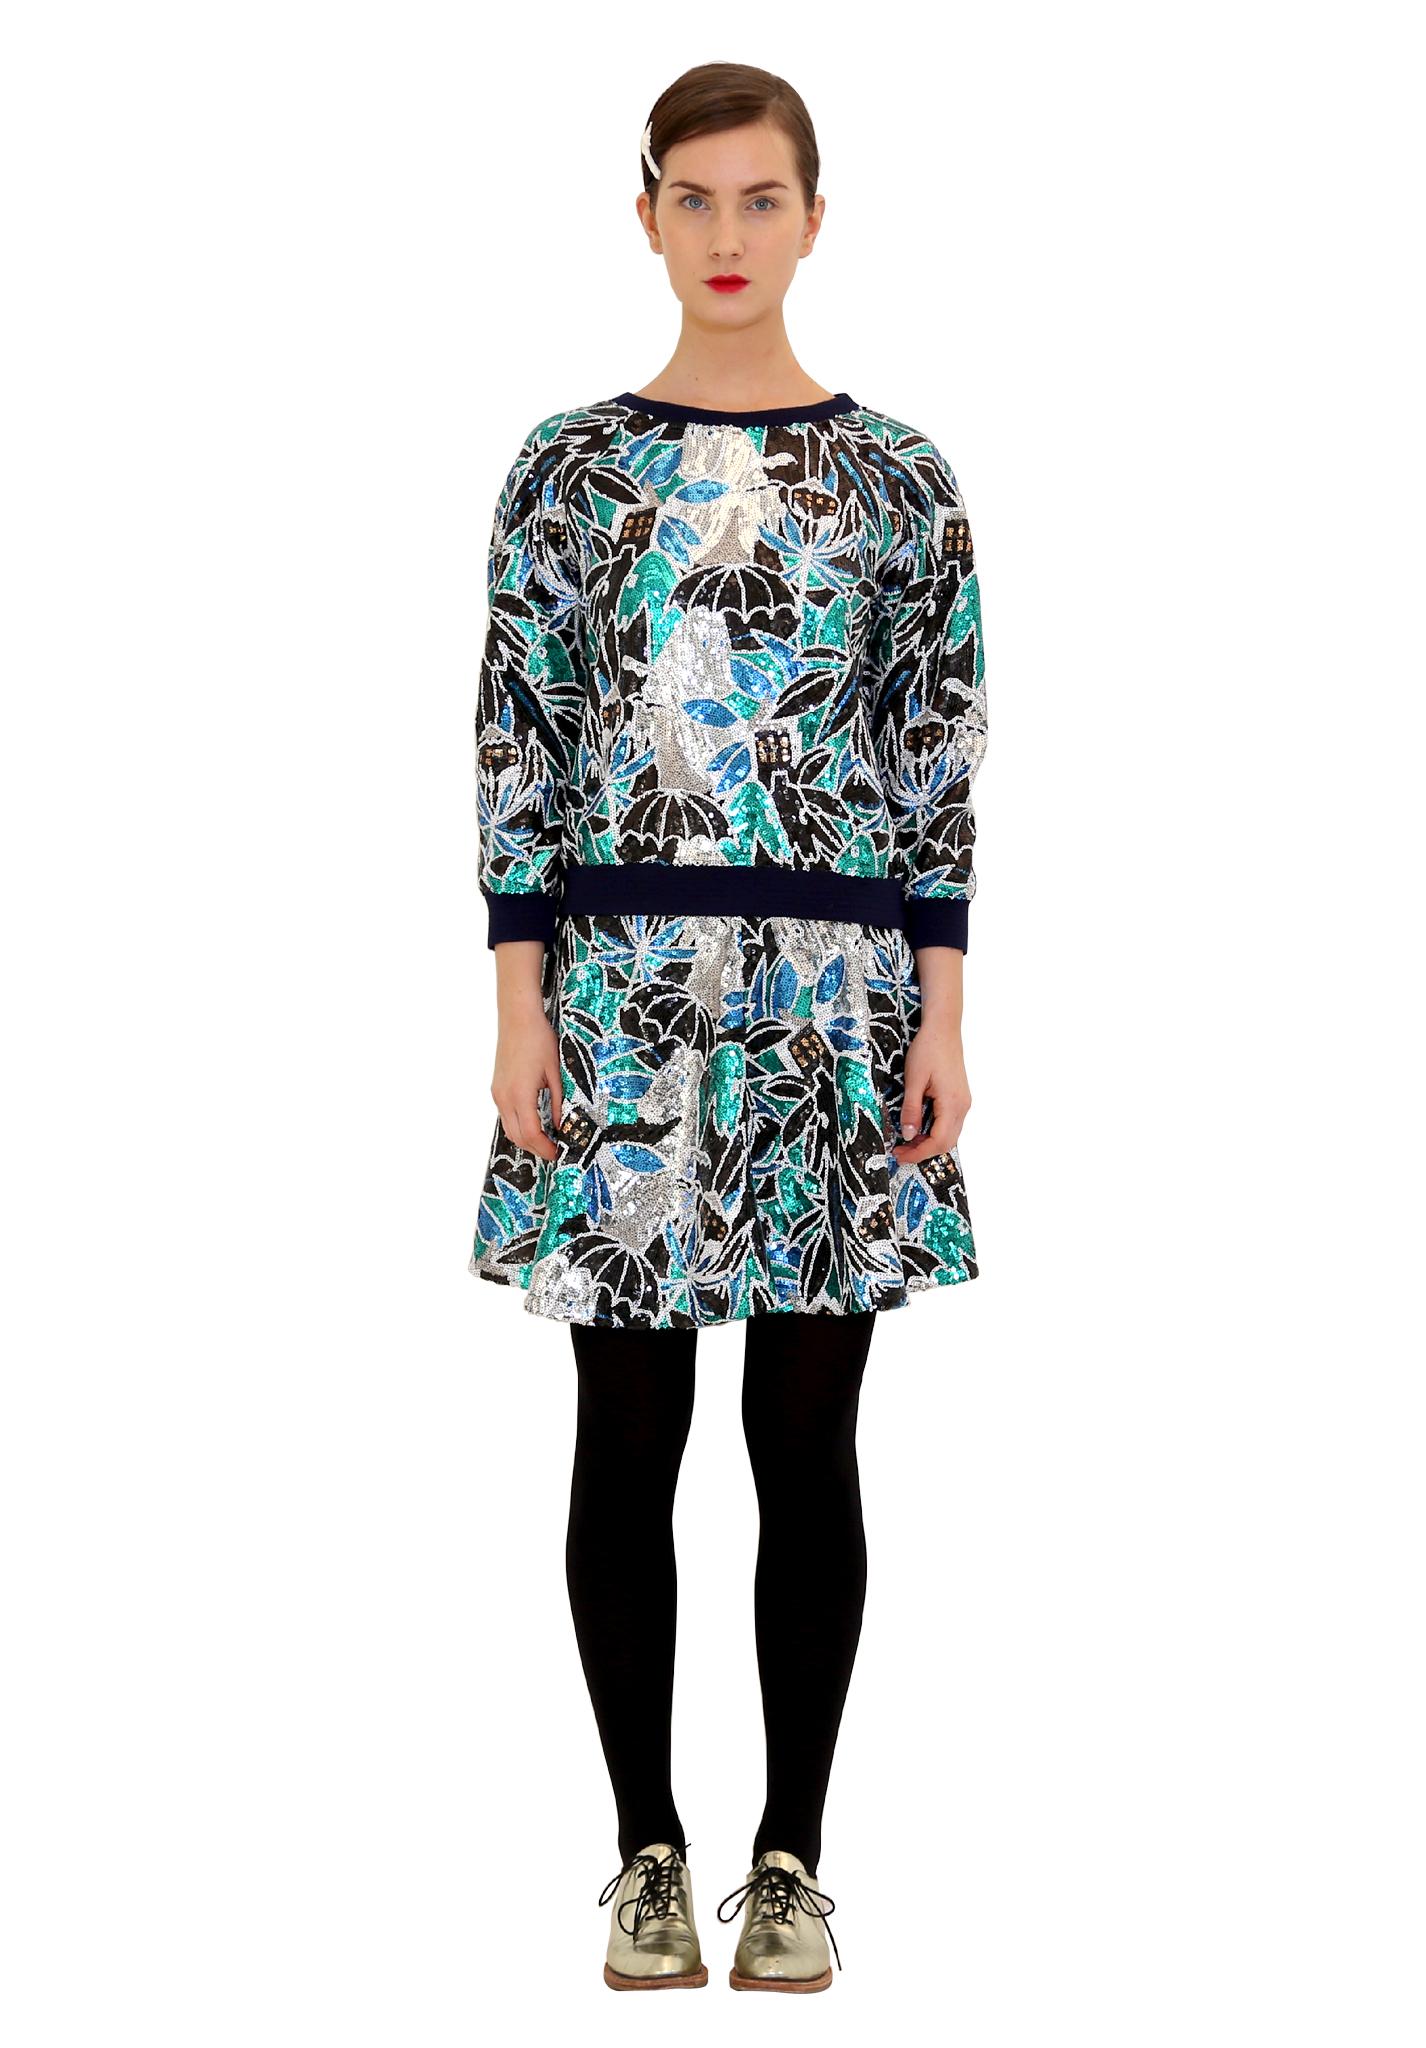 Ivana Helsinki Moomin Sequin Sweater